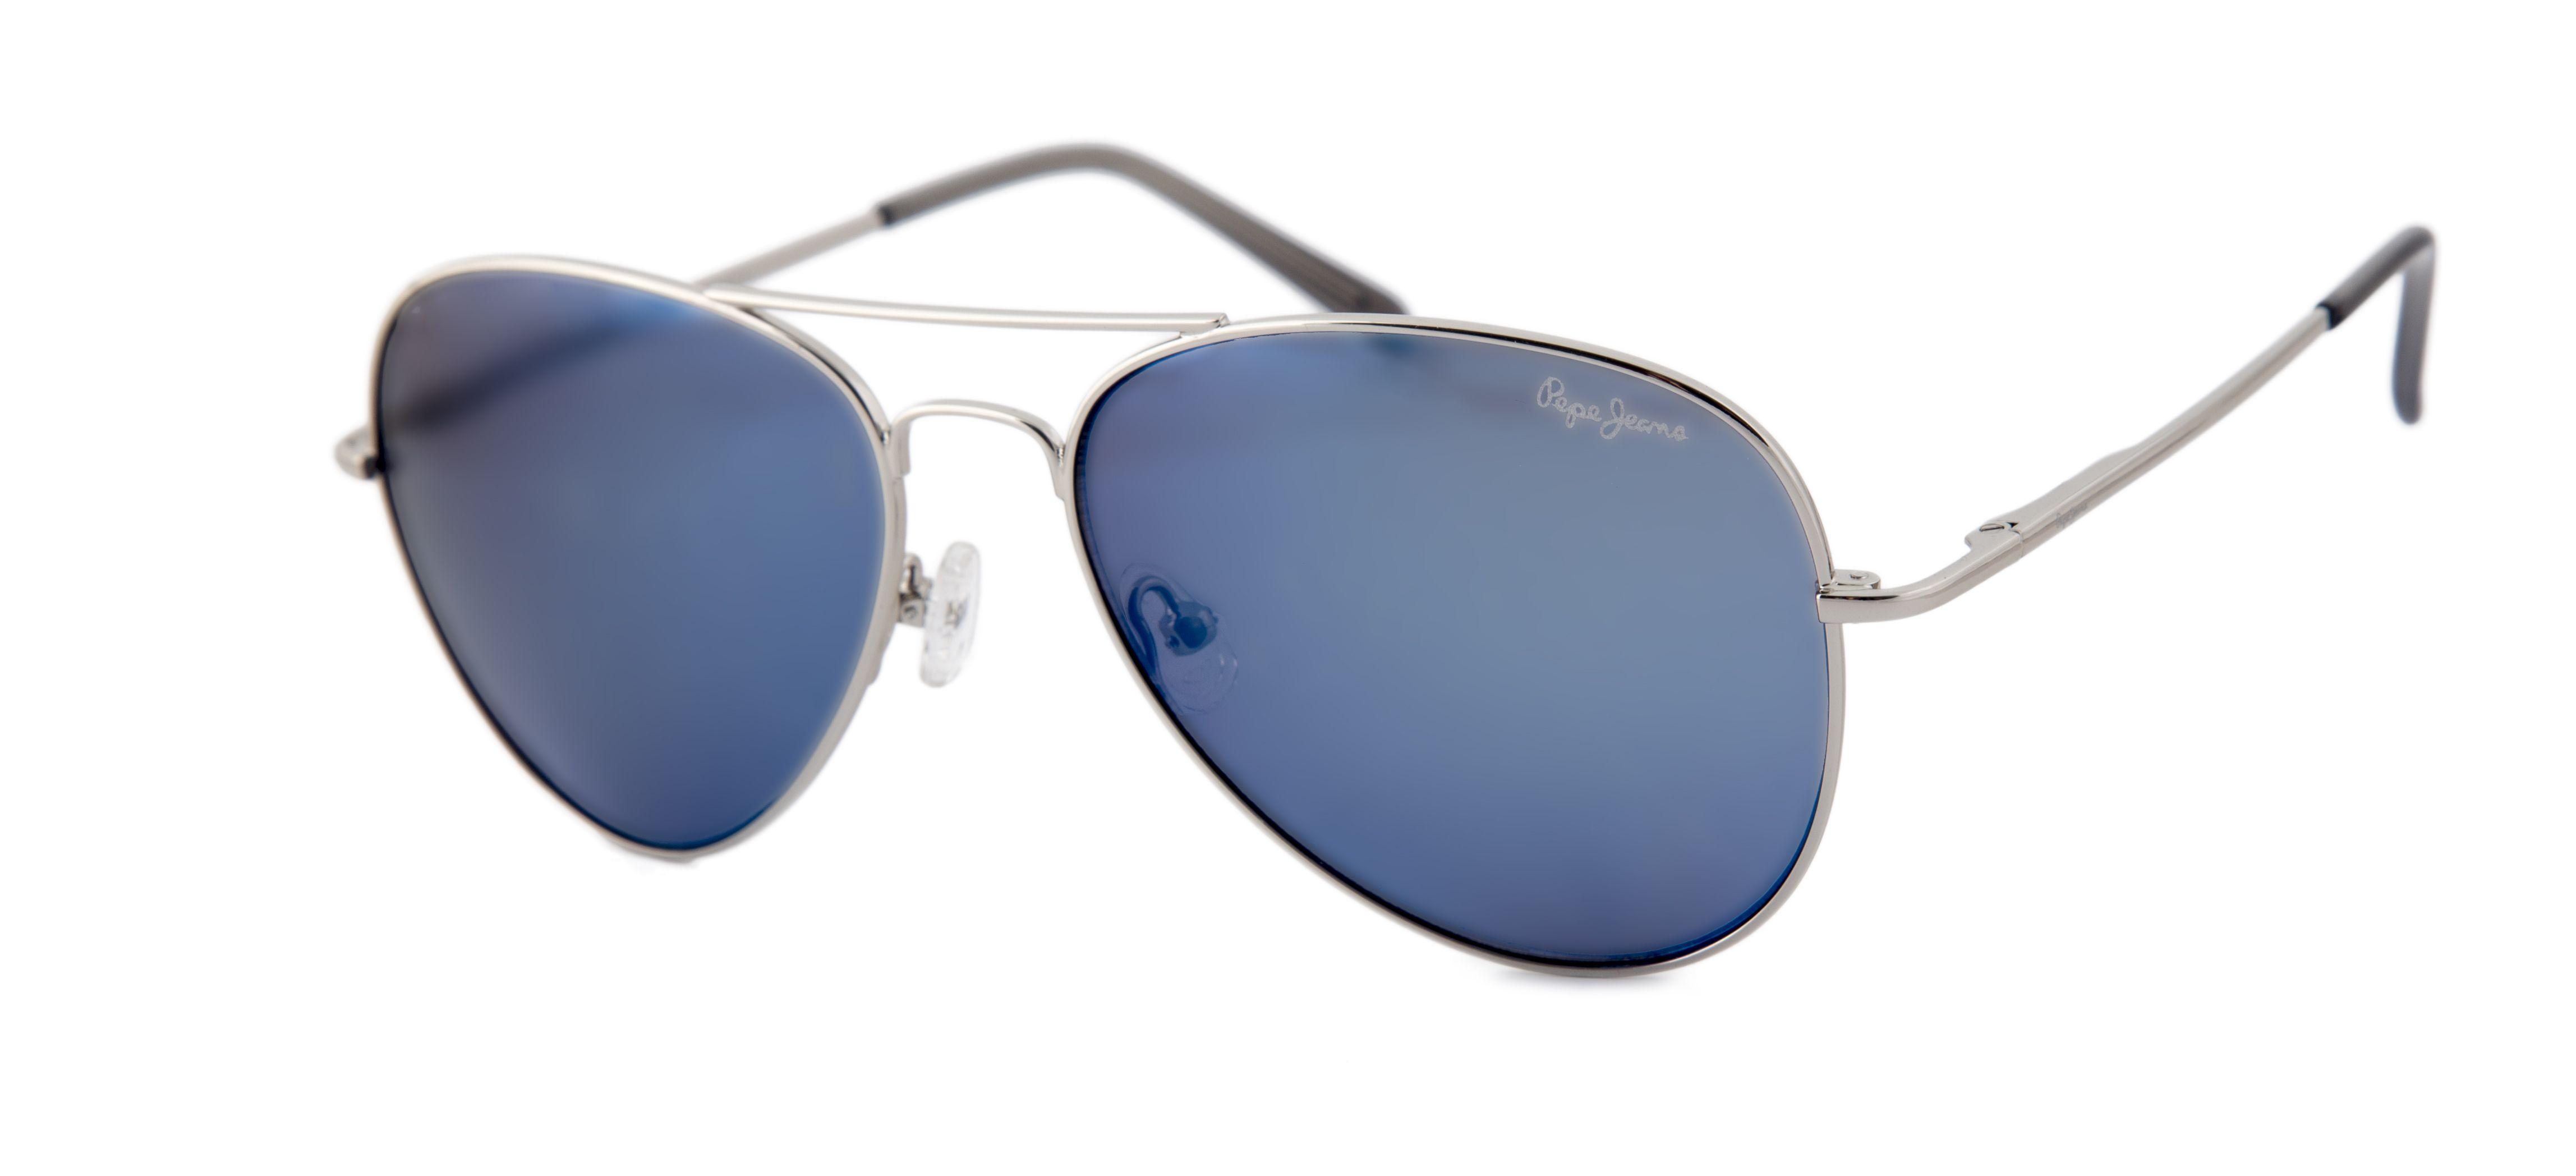 e019702b81 Gafas de sol de estilo aviador de Pepe Jeans para Opticalia. | GAFAS ...